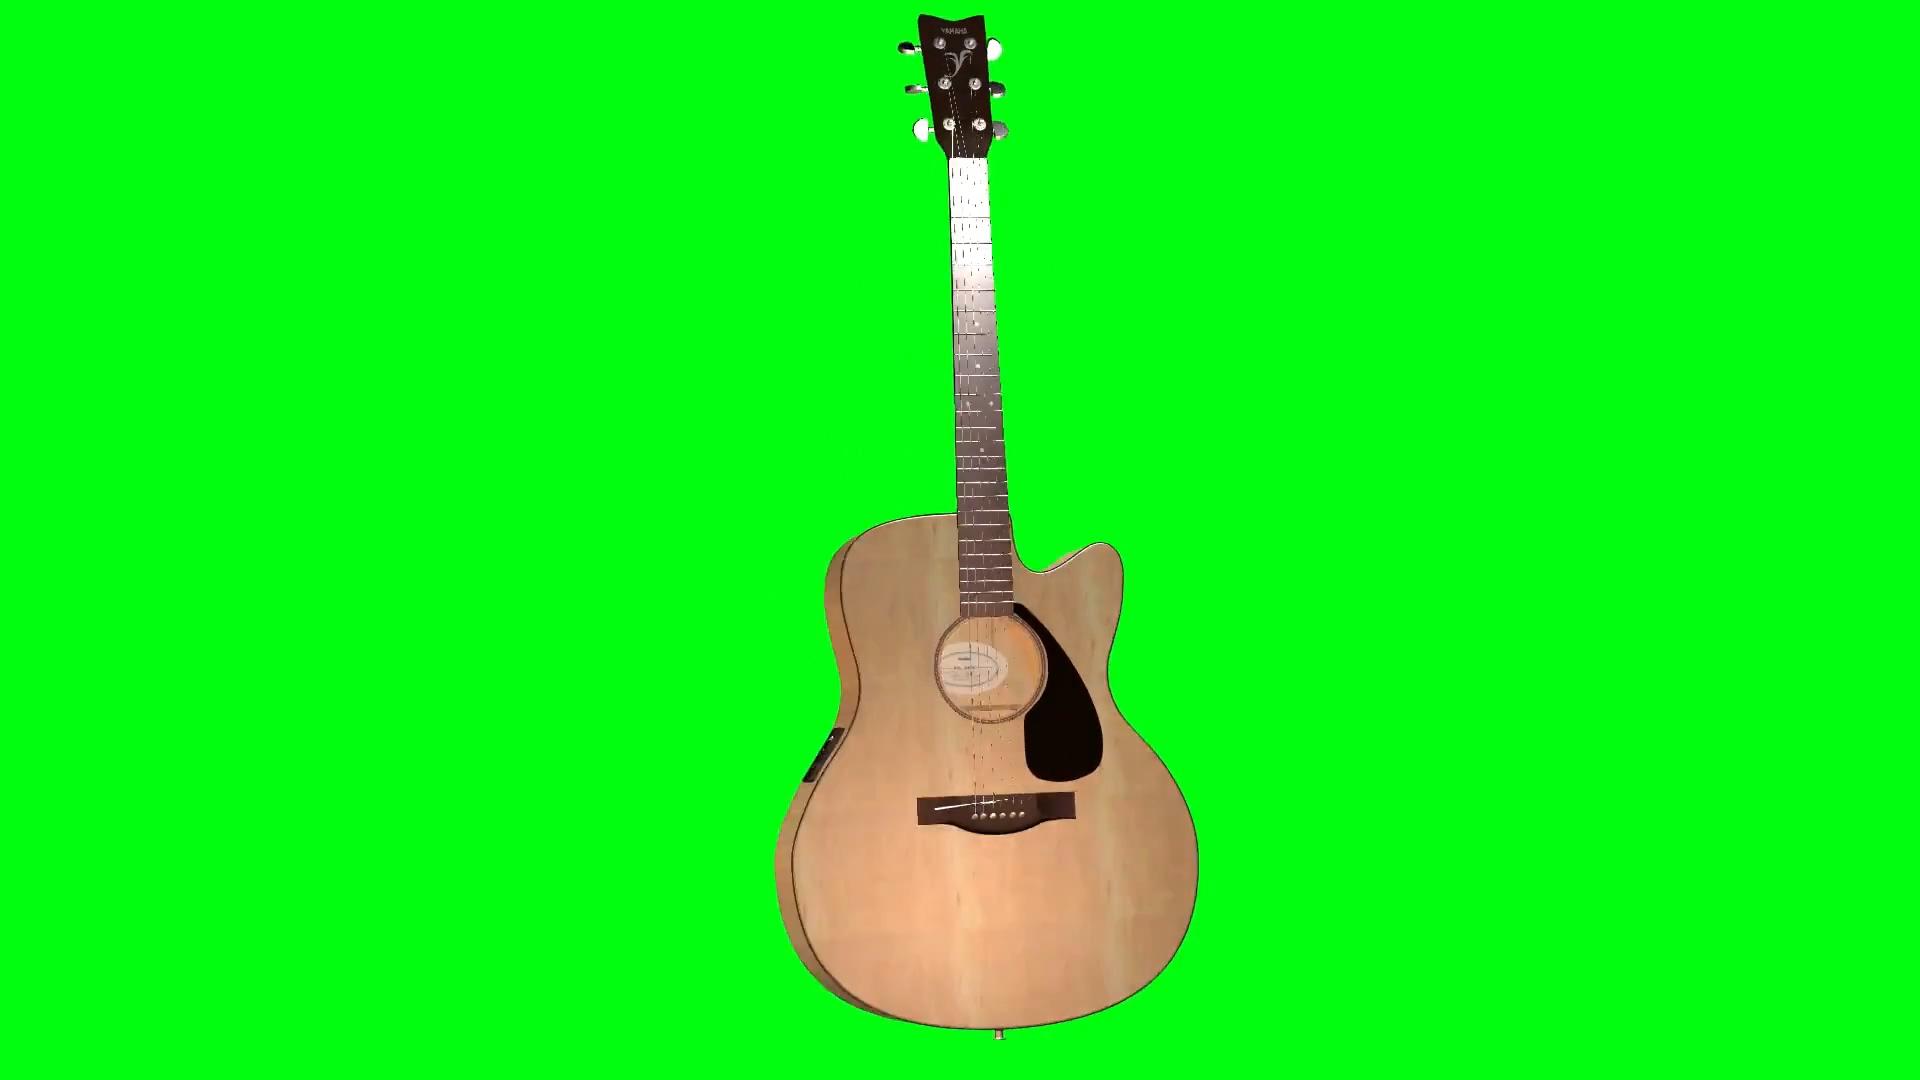 绿屏抠像电动吉它